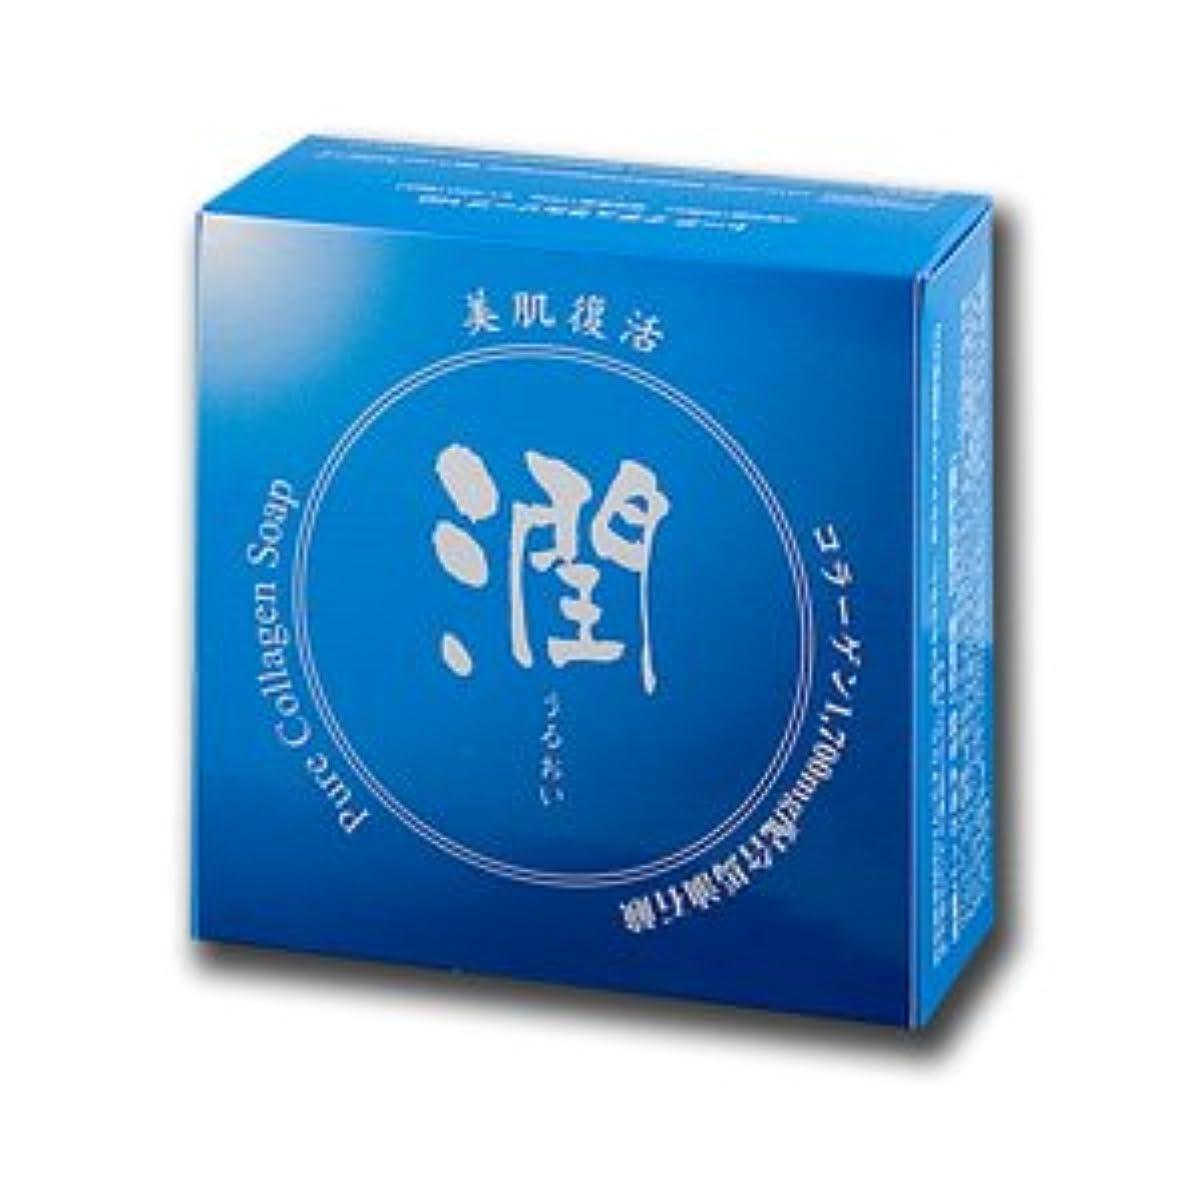 レイルー共産主義コラーゲン馬油石鹸 潤 100g (#800410) ×8個セット